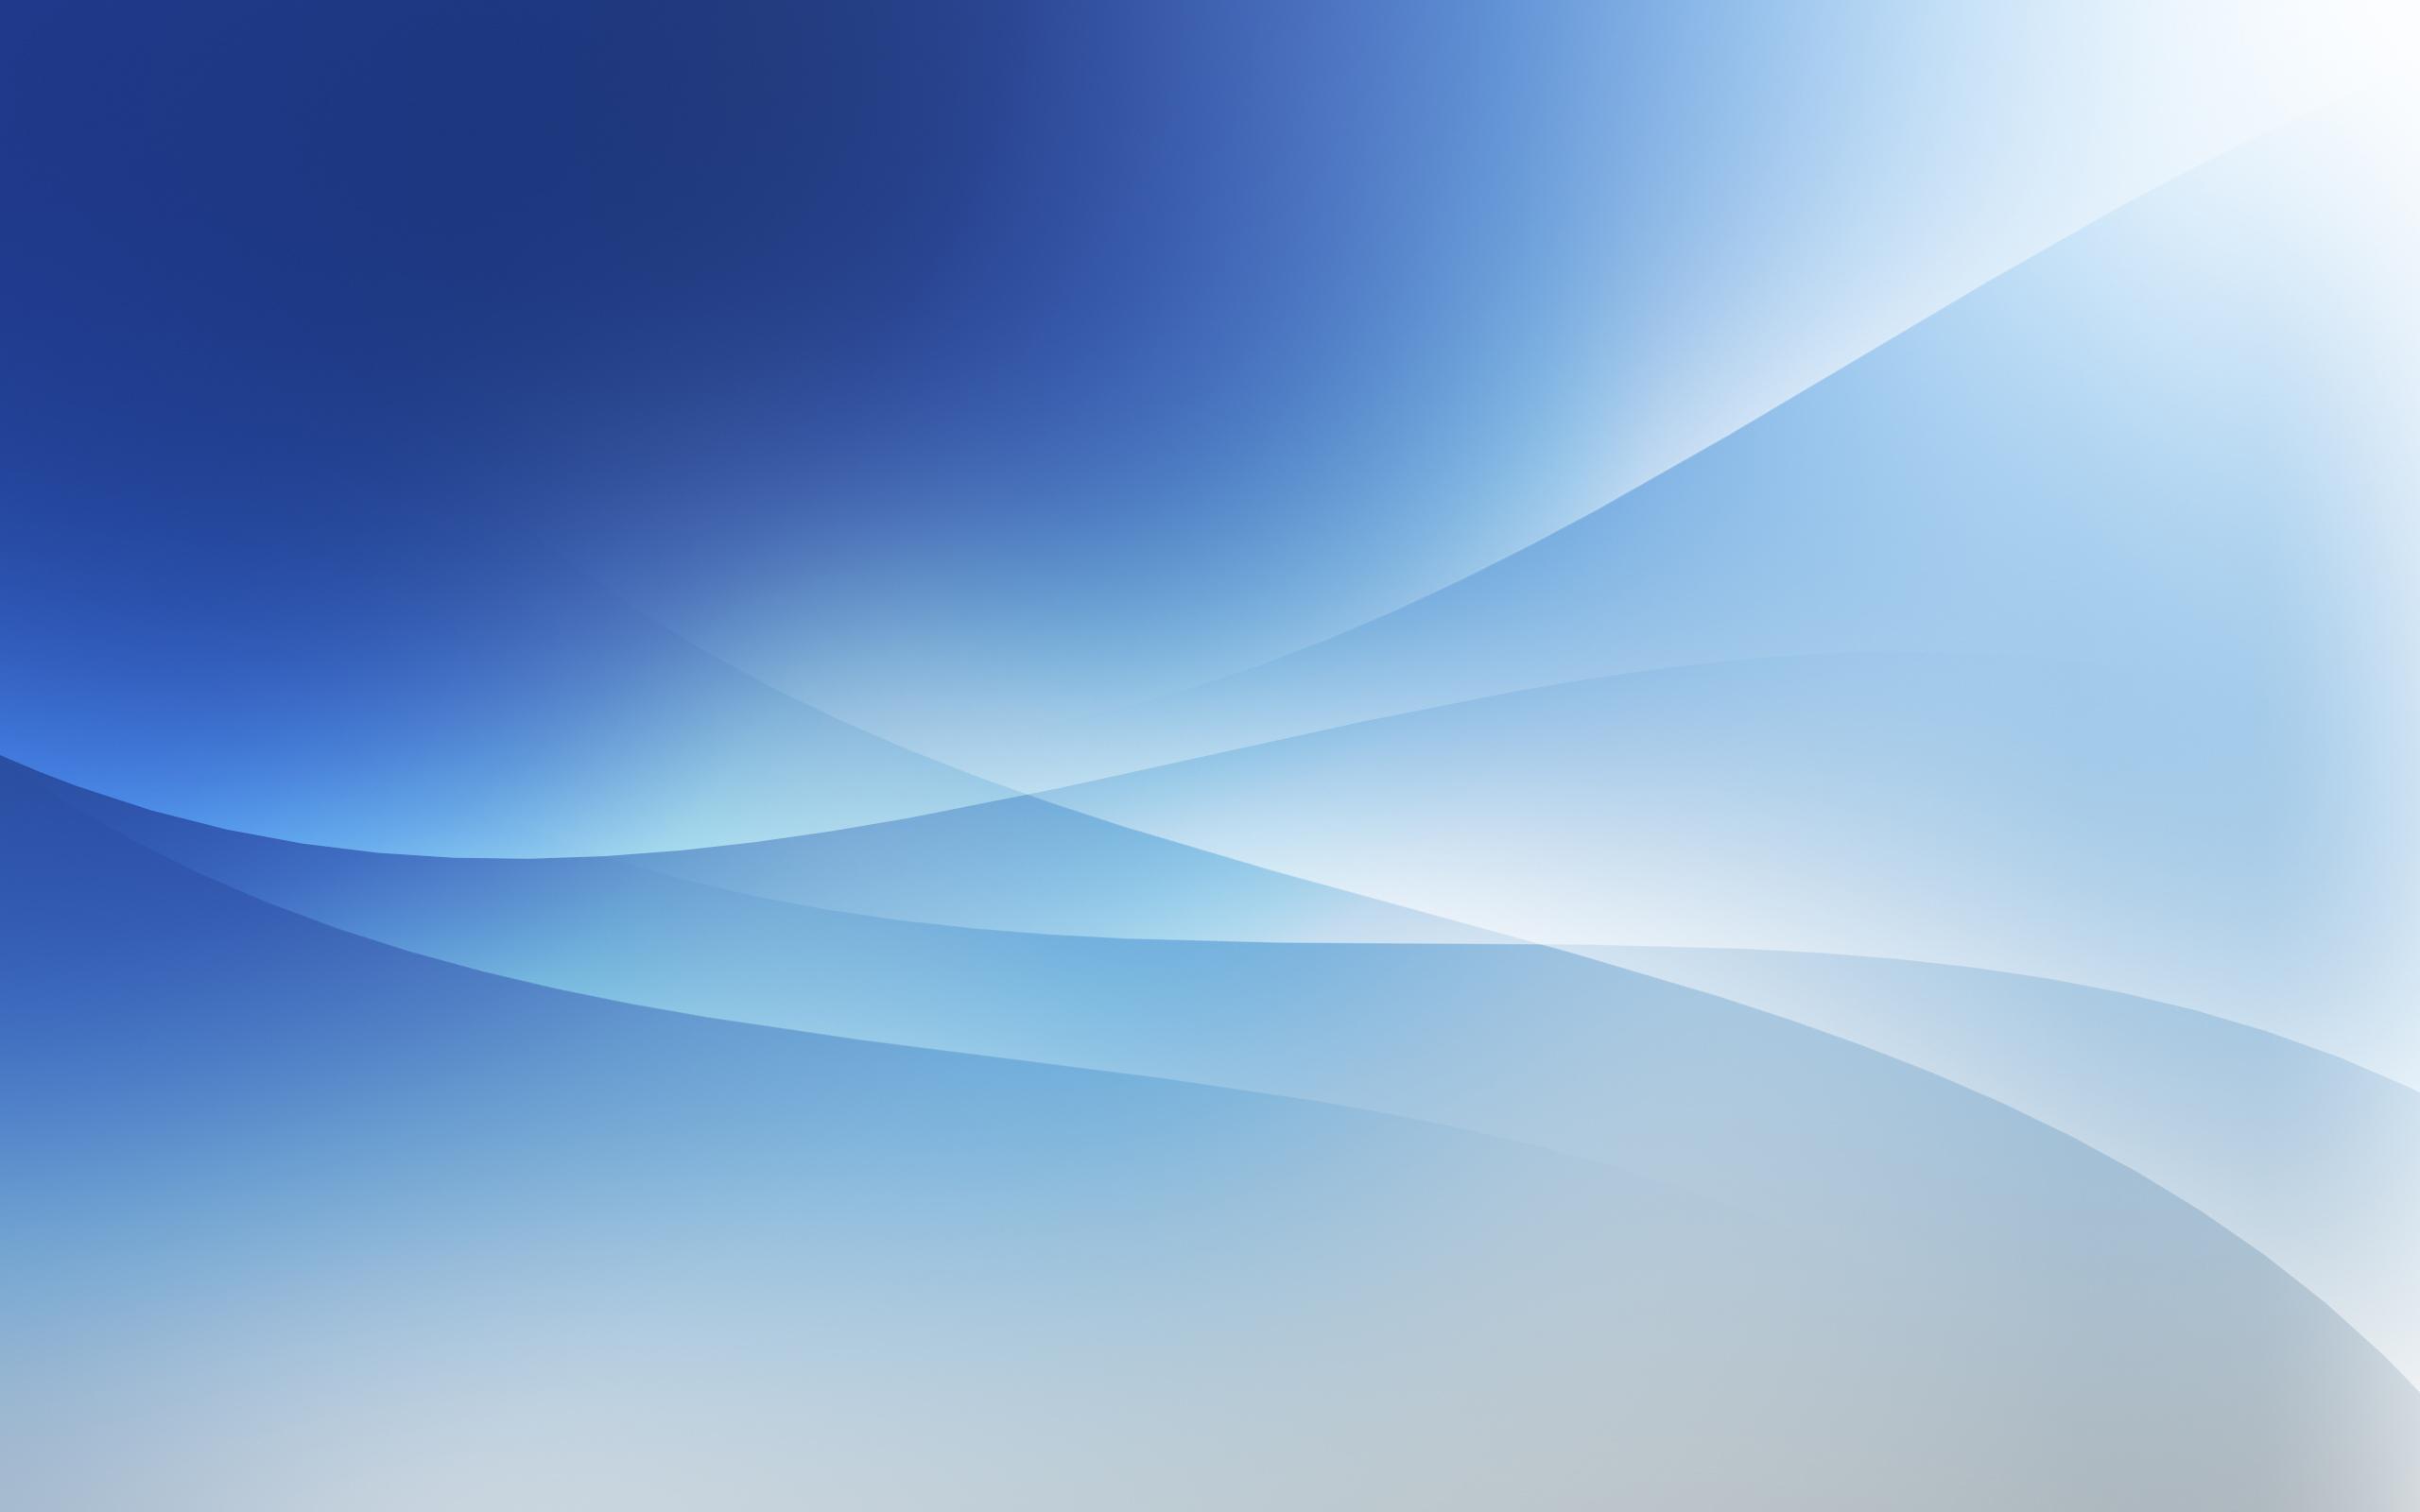 不同风格的波浪蓝色ppt背景图片下载_幻灯片模板免费